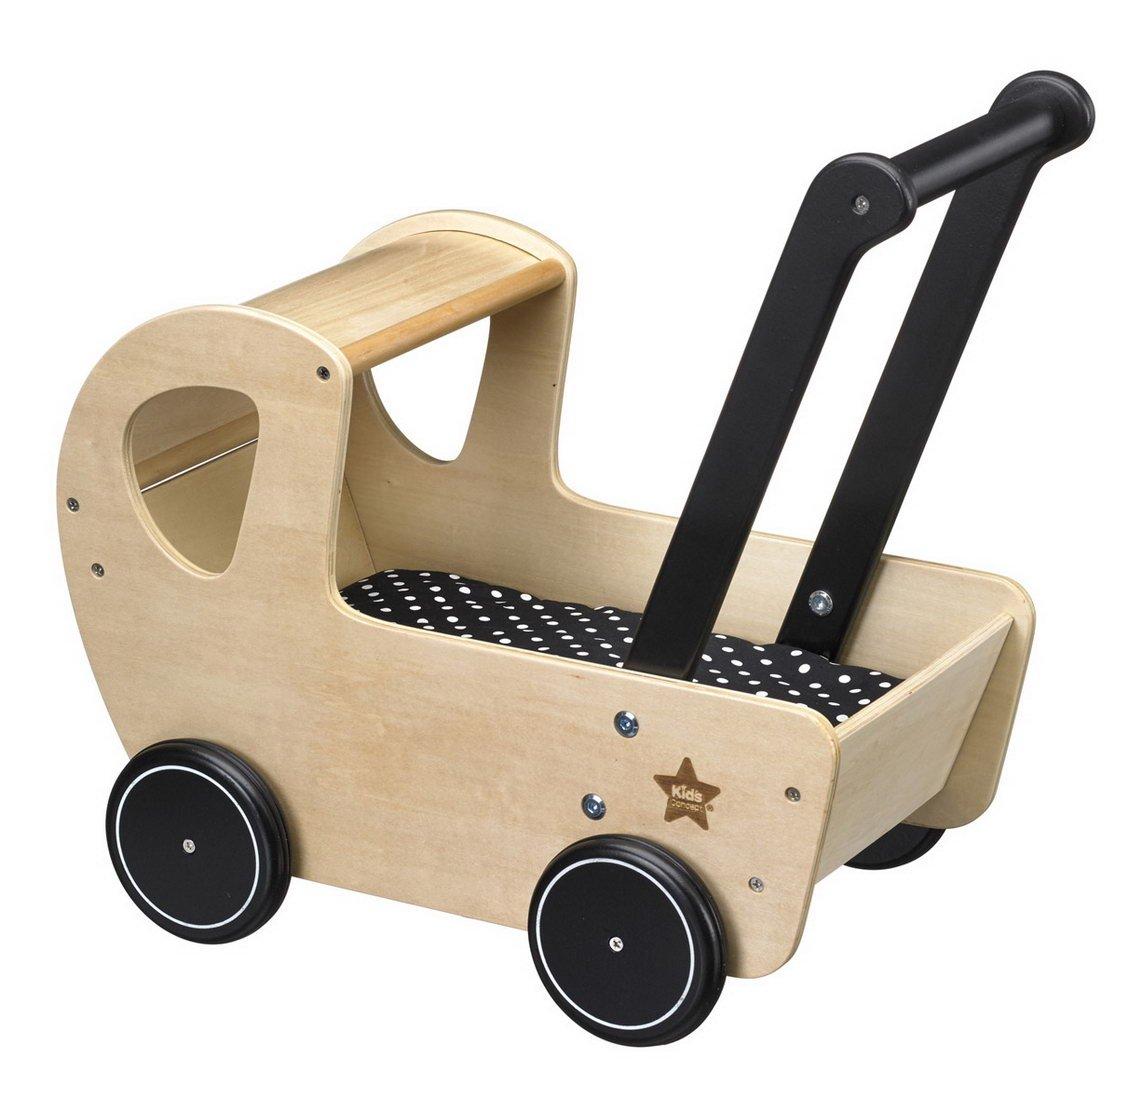 Kids Concept de madera Juguete Muñeca carro Neo, 26 x 42 x 42 cm, color natural: Amazon.es: Juguetes y juegos